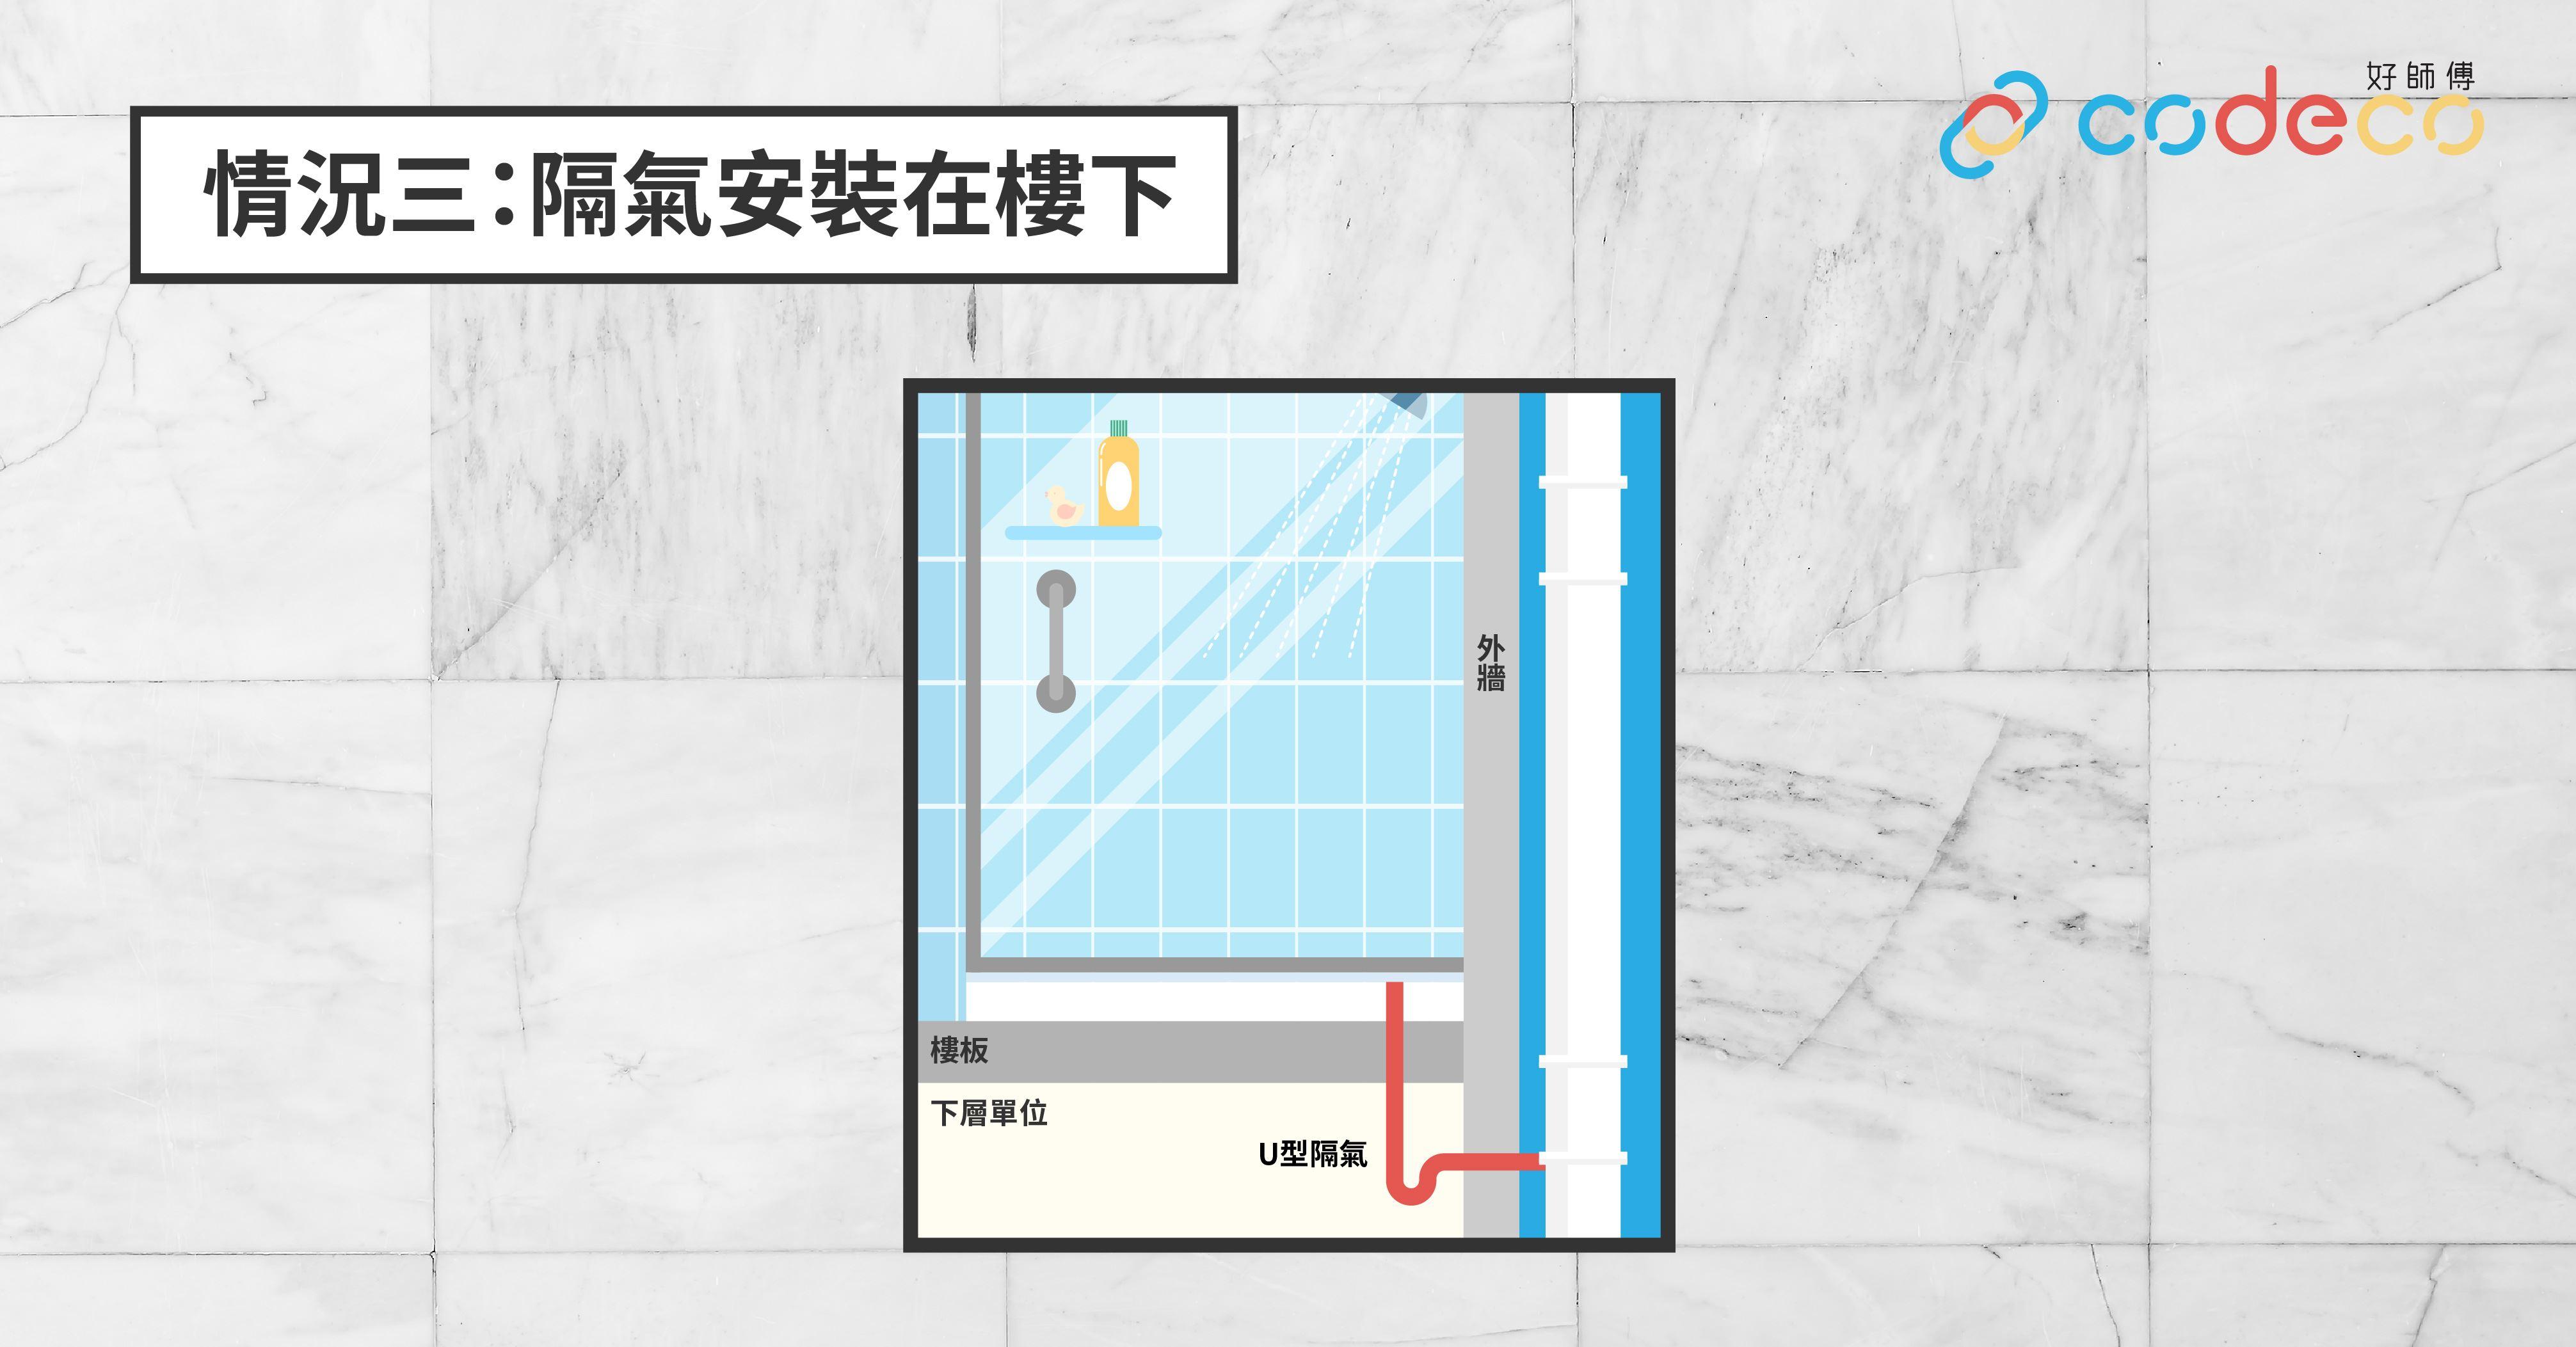 隔氣管安裝在樓下天花